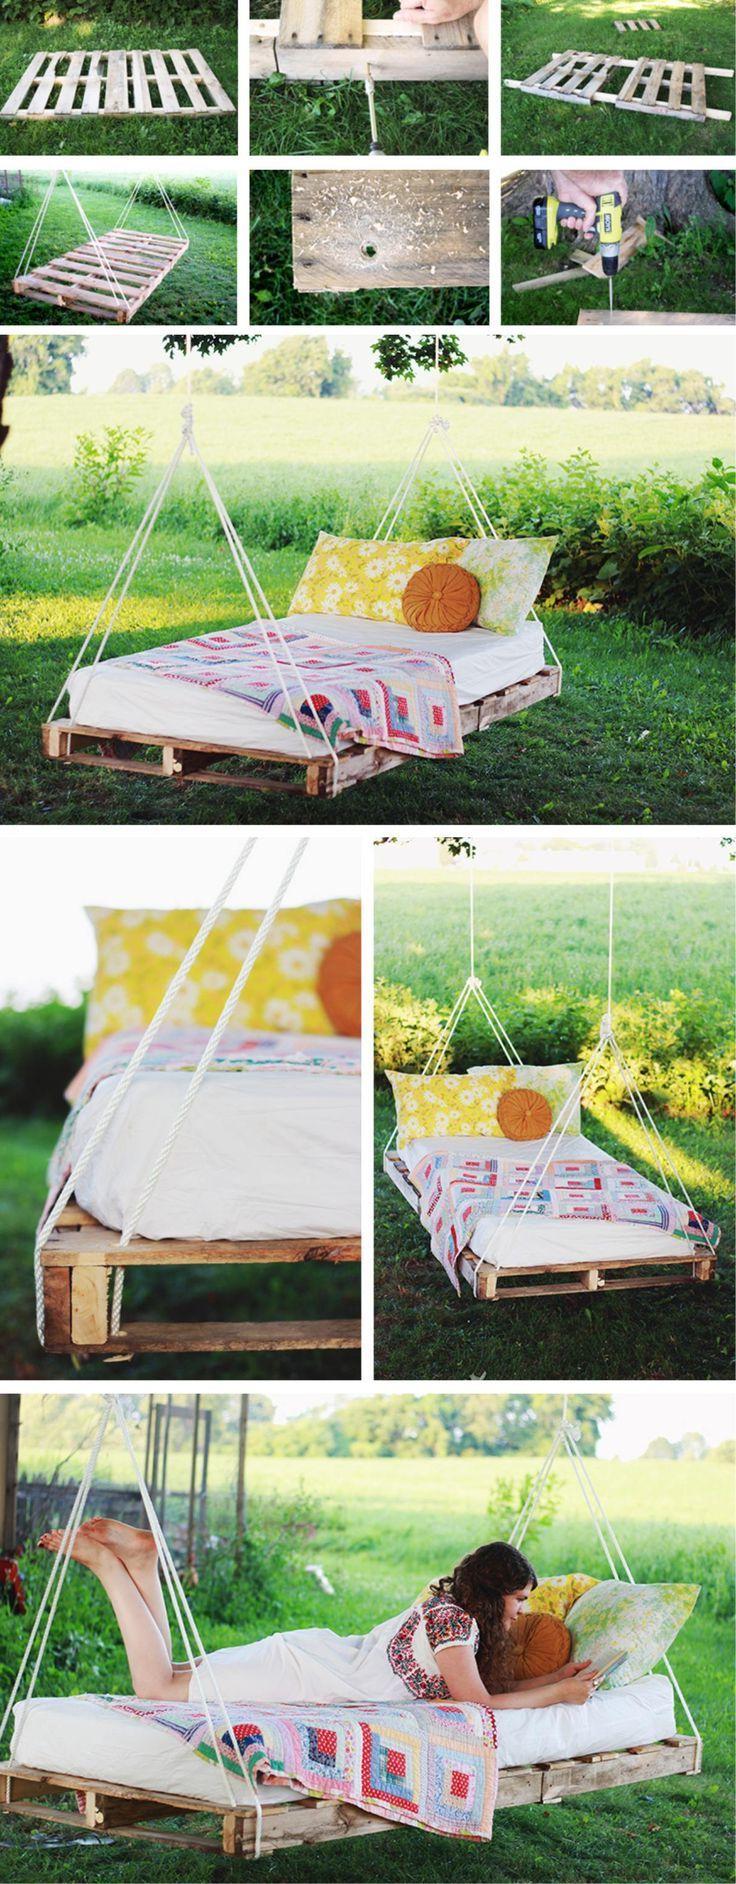 Einzigartig Hängendes Bett Sammlung Von Hängebett Selber Bauen: 44 Diy Ideen Für